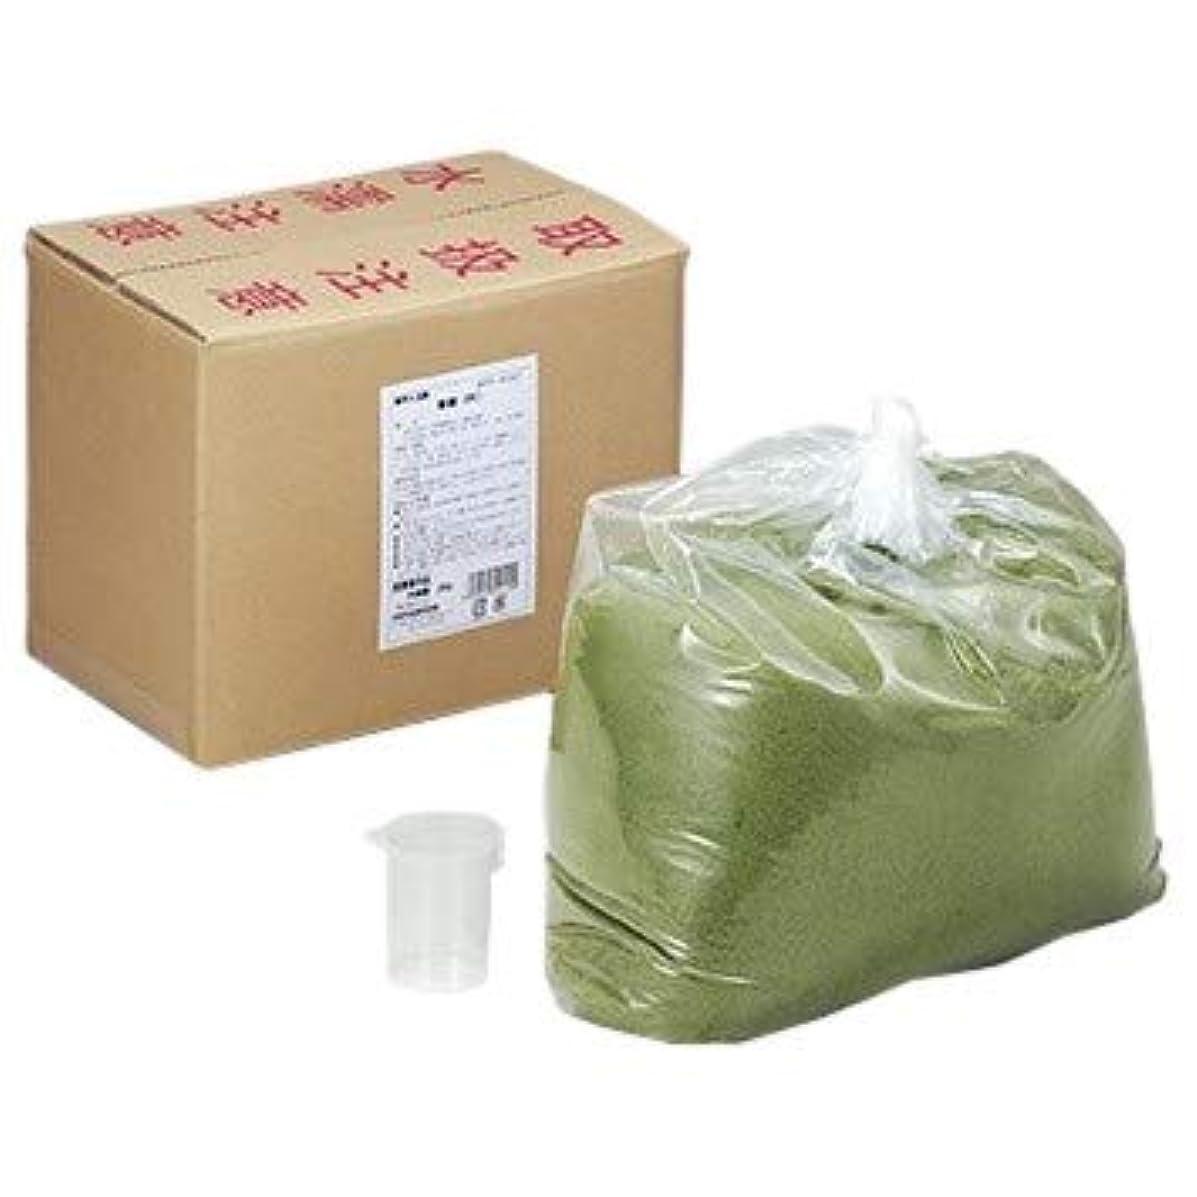 ジム準備ができて皮新緑 業務用 20kg 入浴剤 医薬部外品